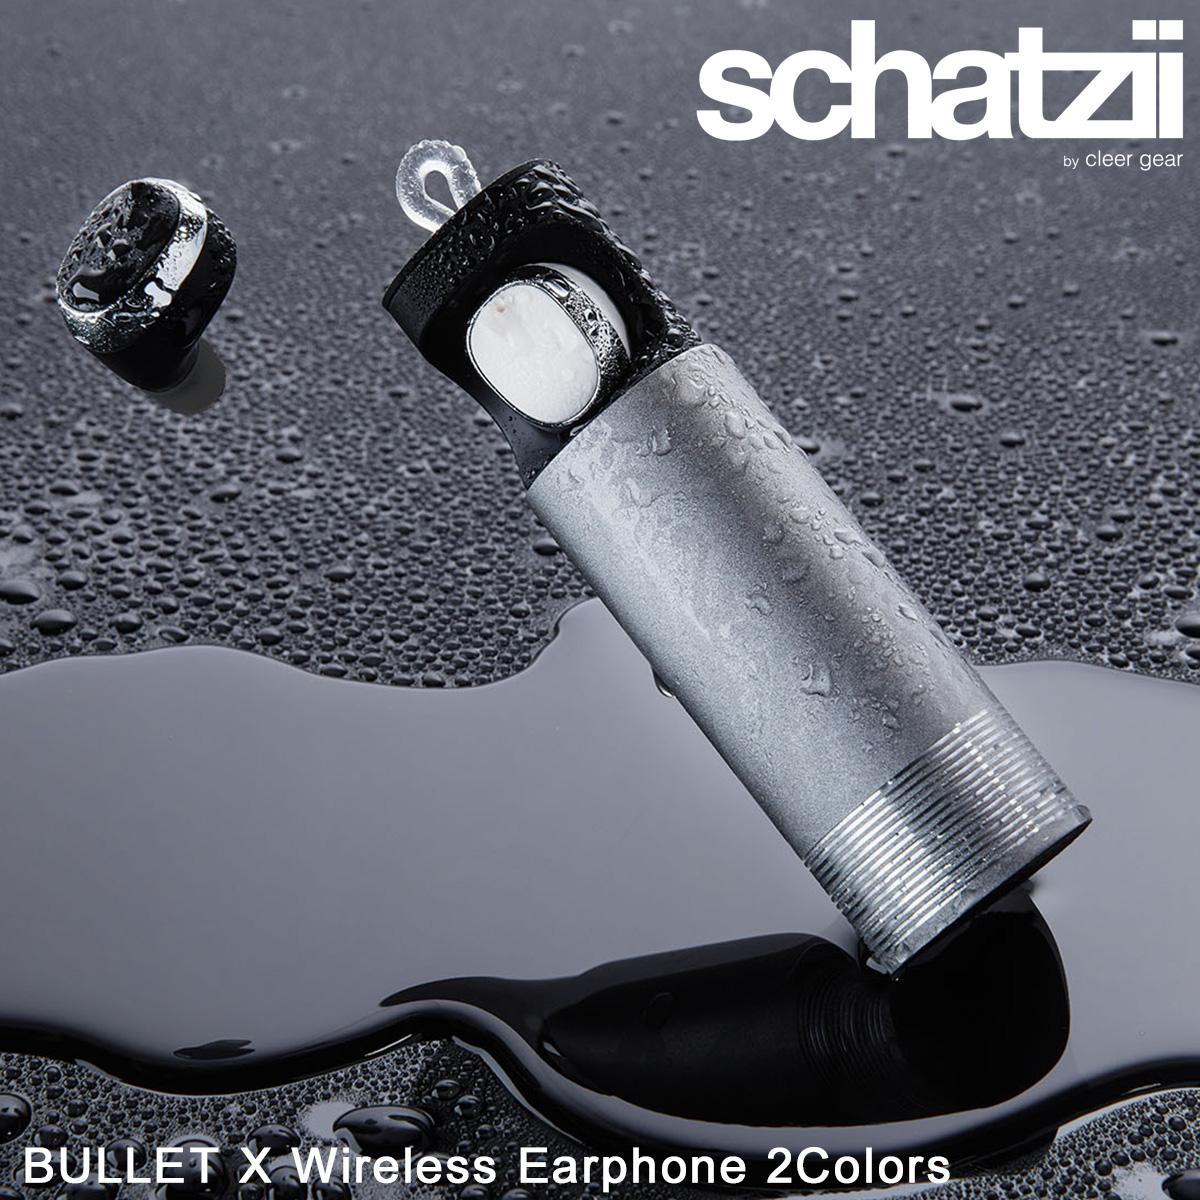 シャツィ schatzii ワイヤレスイヤホン iPhone Bluetooth 片耳 マイク BULLET X ブラック ホワイト SBX-001 SBX-002